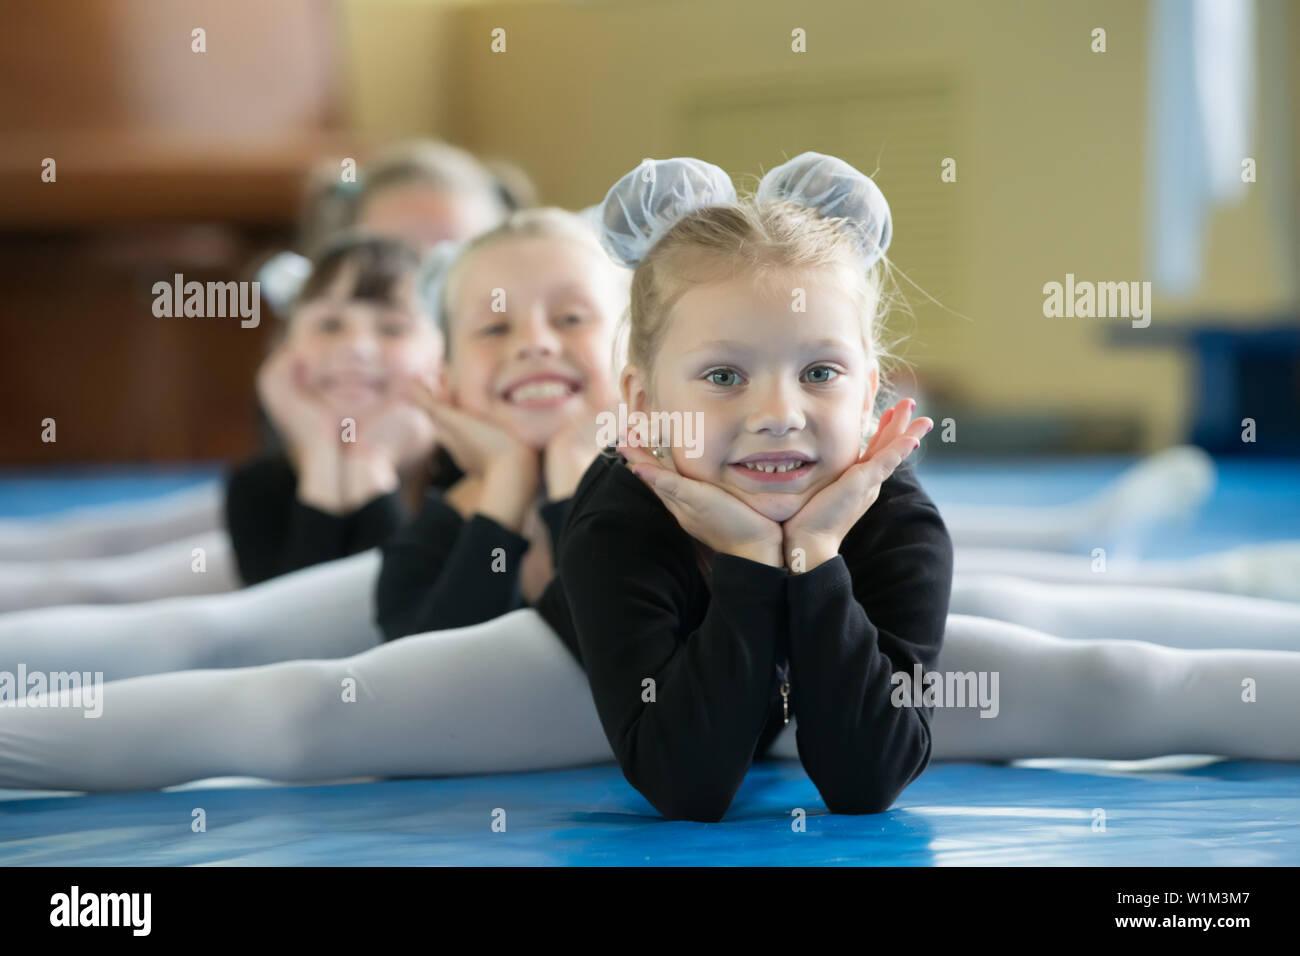 Girl Gymnast 6 Years Stock Photos & Girl Gymnast 6 Years Stock